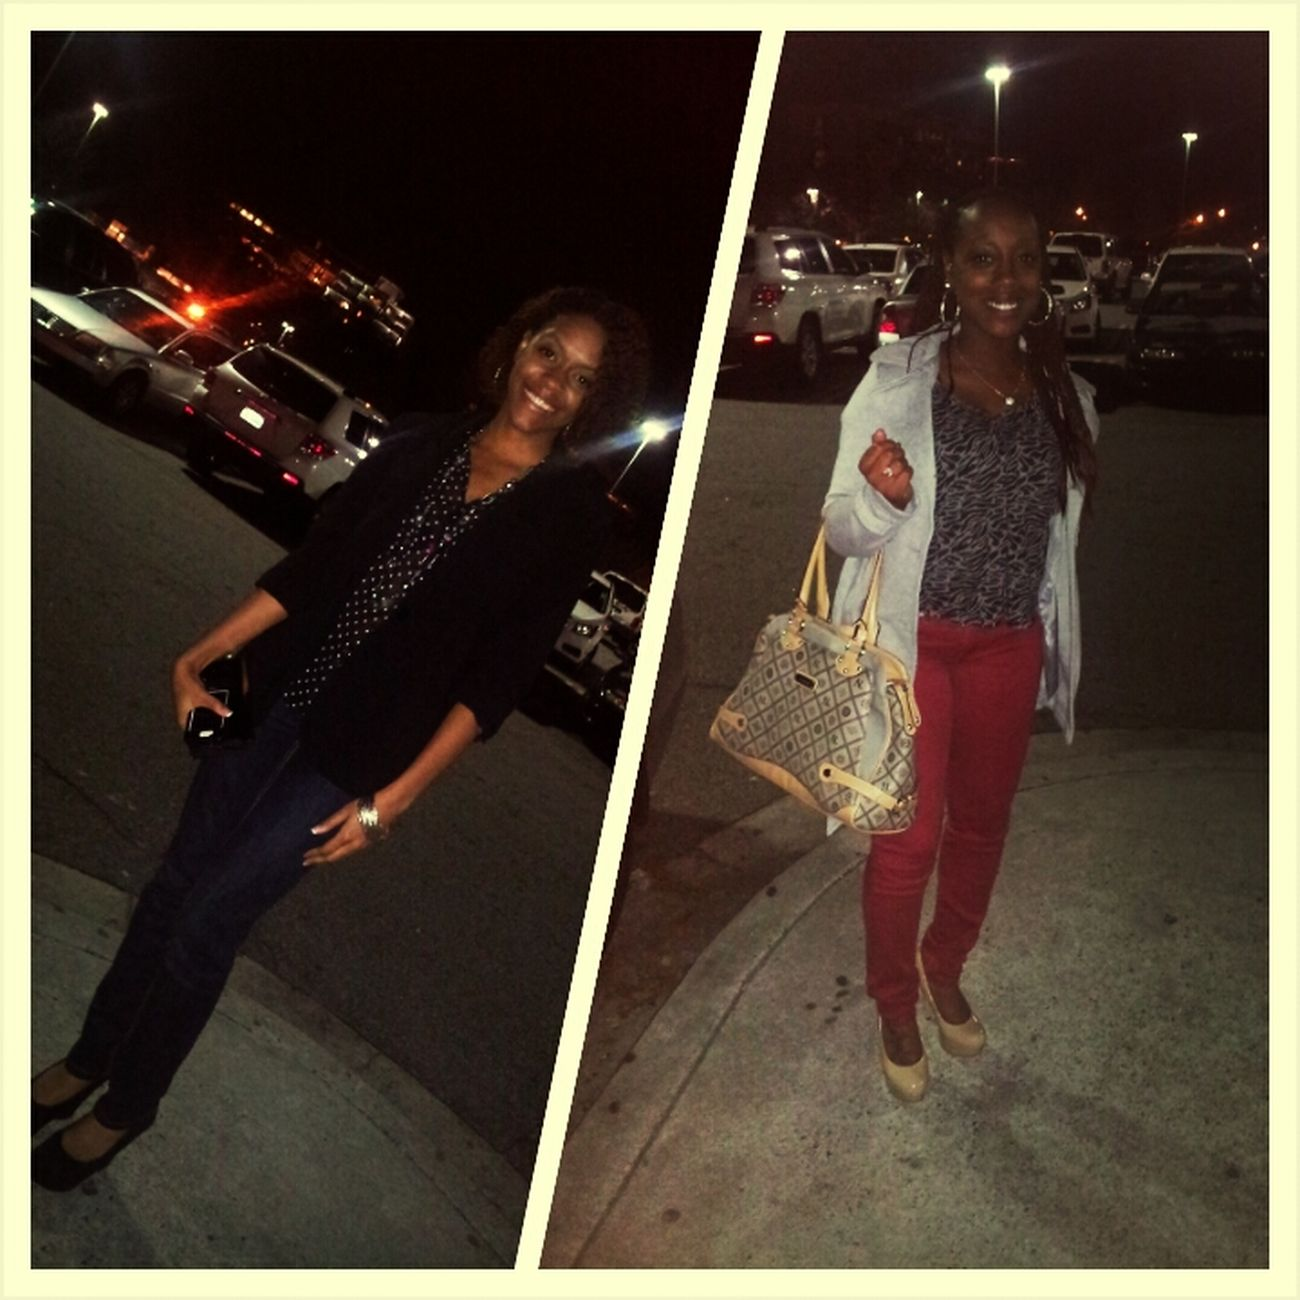 @Dntbafriad2DARE AND I